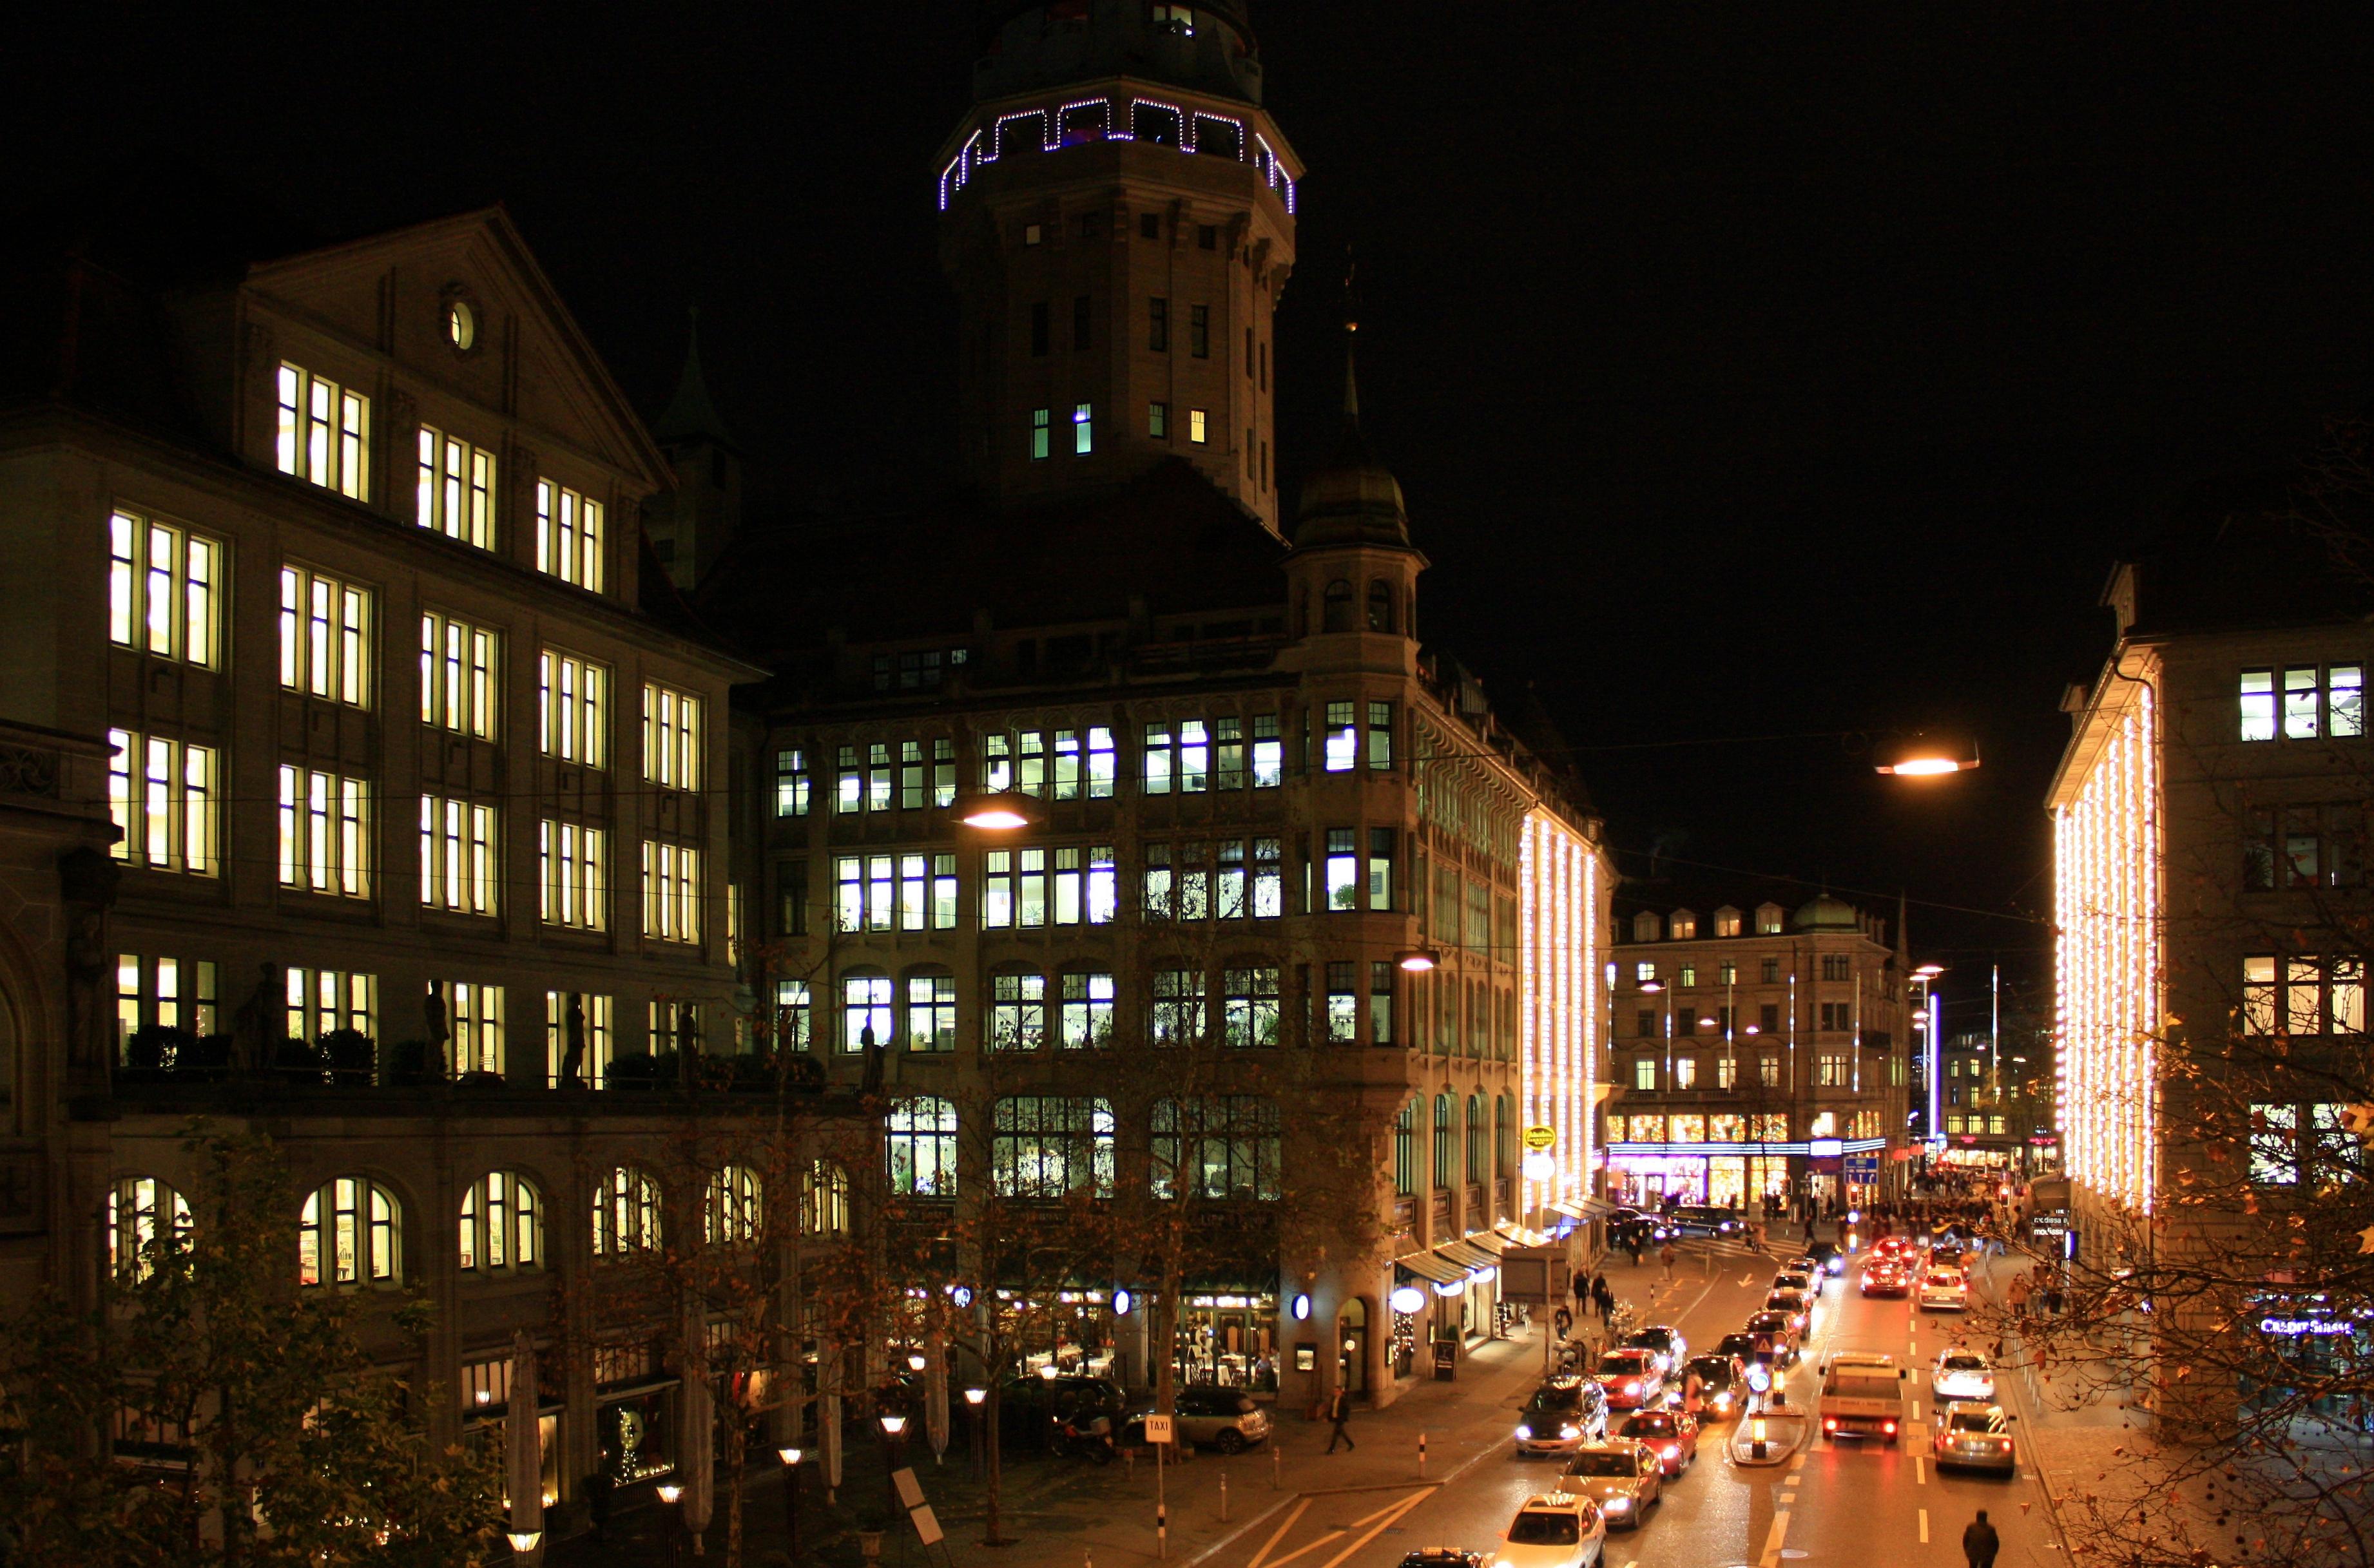 Zürich Weihnachtsbeleuchtung.File Zürich Uraniastrasse Lindenhofstrasse Img 4341 Shiftn Jpg